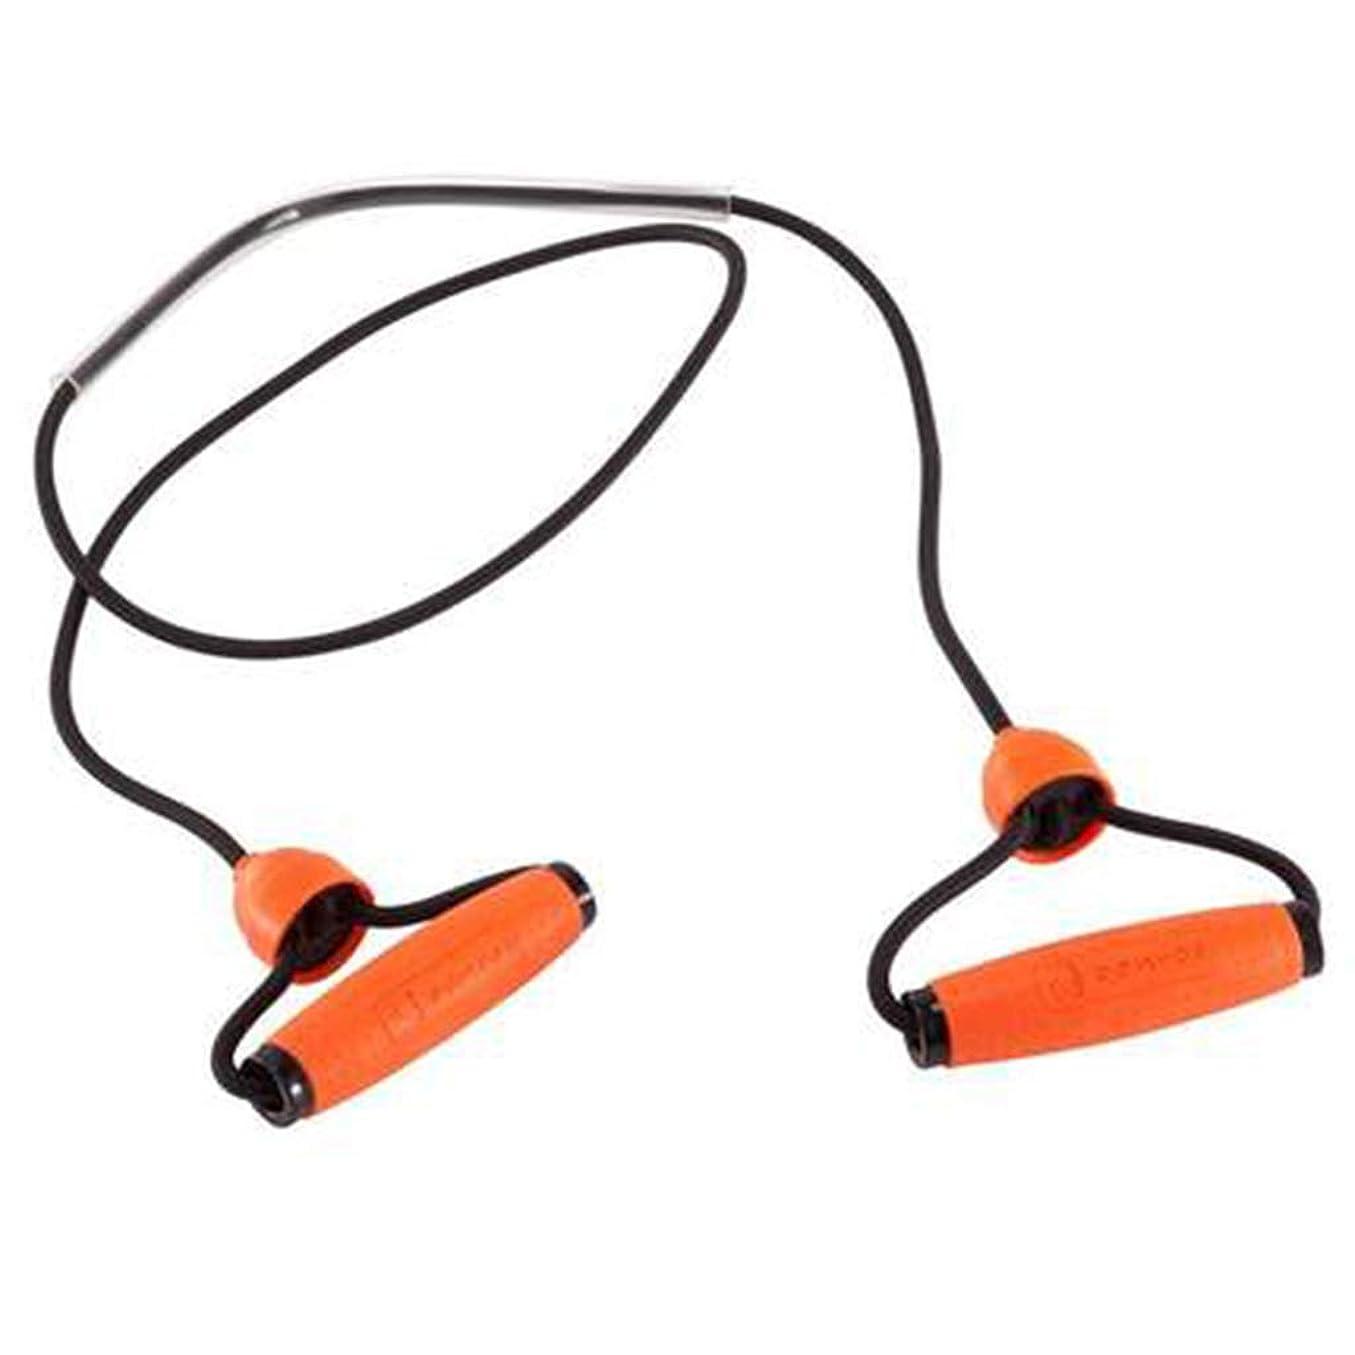 ニュース機会反対した多機能ワードプルロープホームラリーフィットネス弾性ロープラテックスチューブアームの力の胸 (色 : Orange)